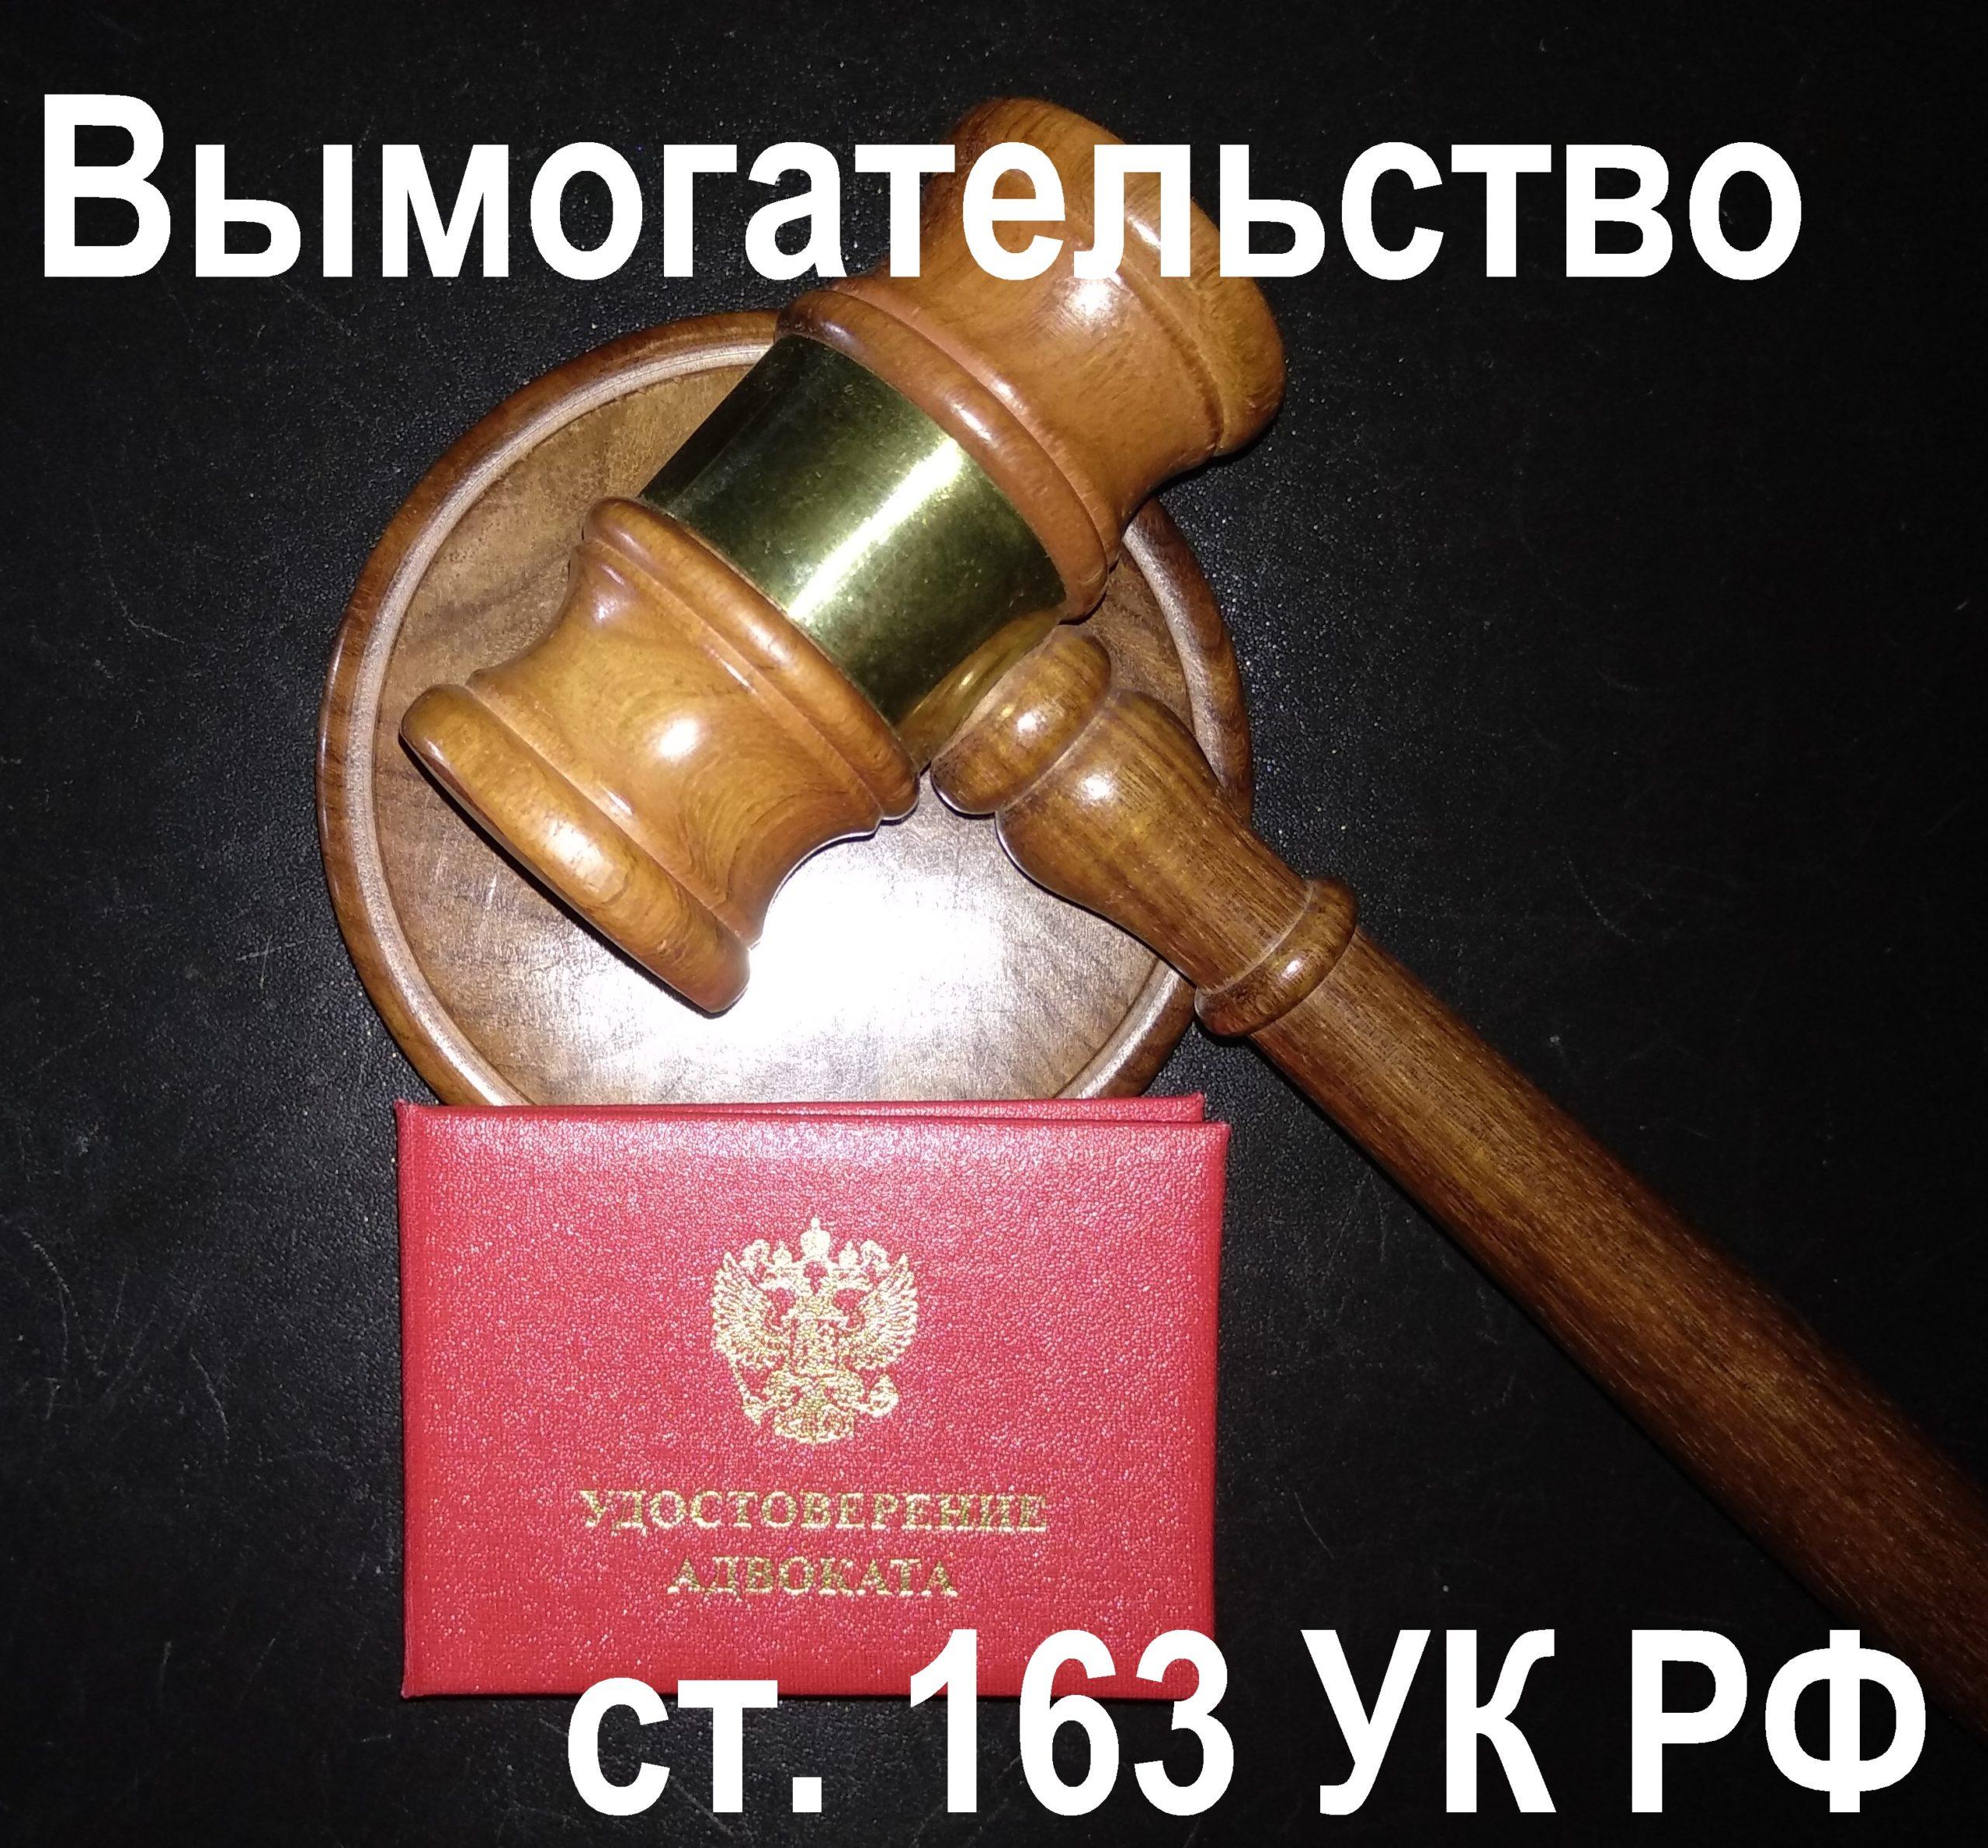 Адвокат по ст. 163 УК РФ Вымогательство